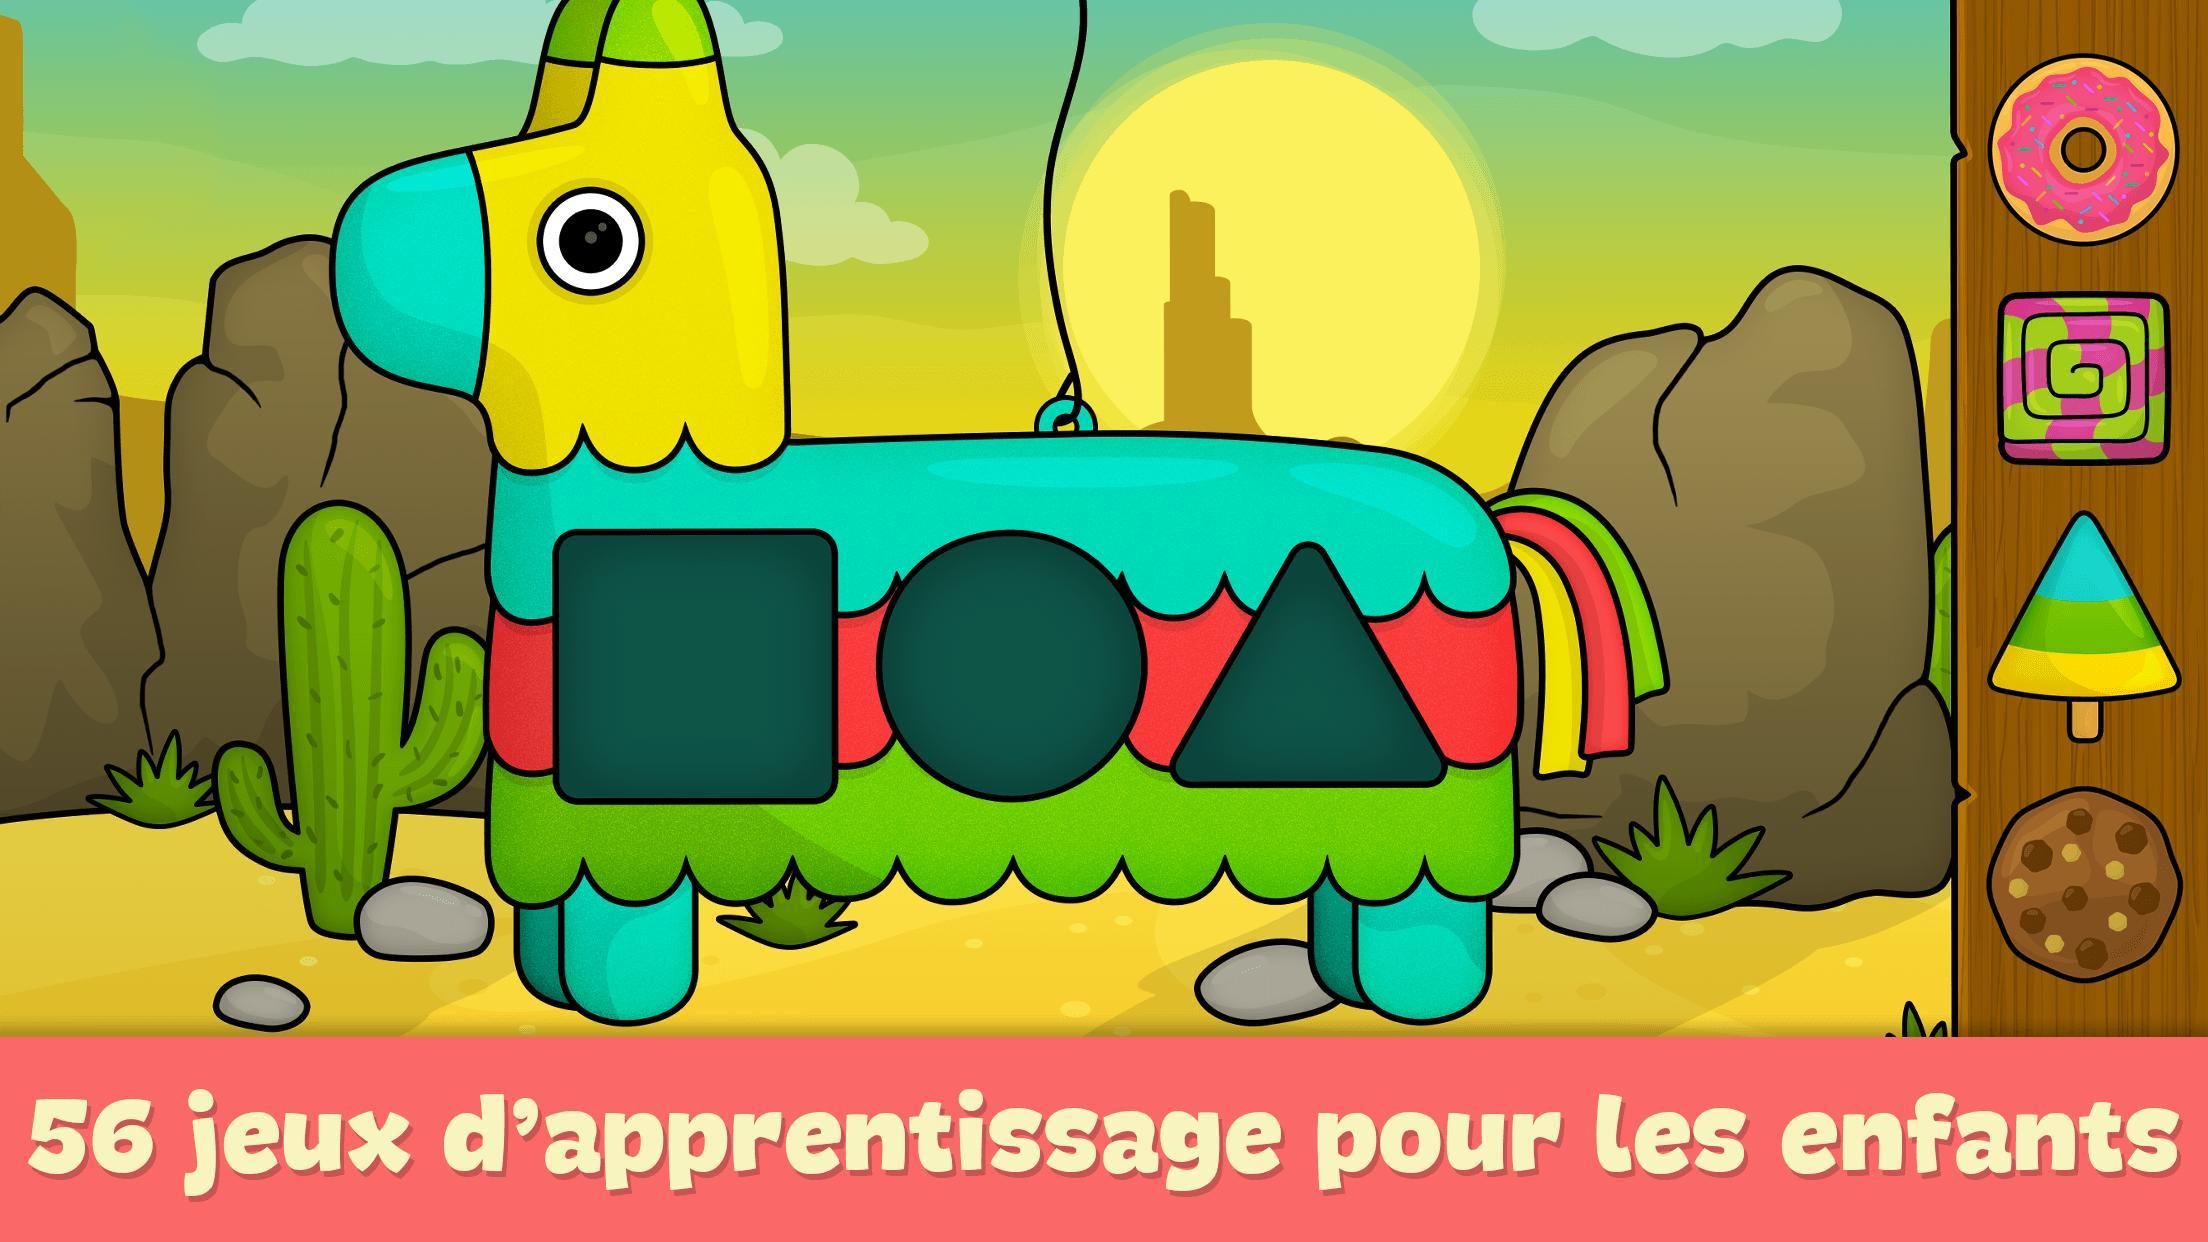 Jeux Pour Enfants 2 - 5 Ans Pour Android - Téléchargez L'apk intérieur Jeux Enfant De 5 Ans